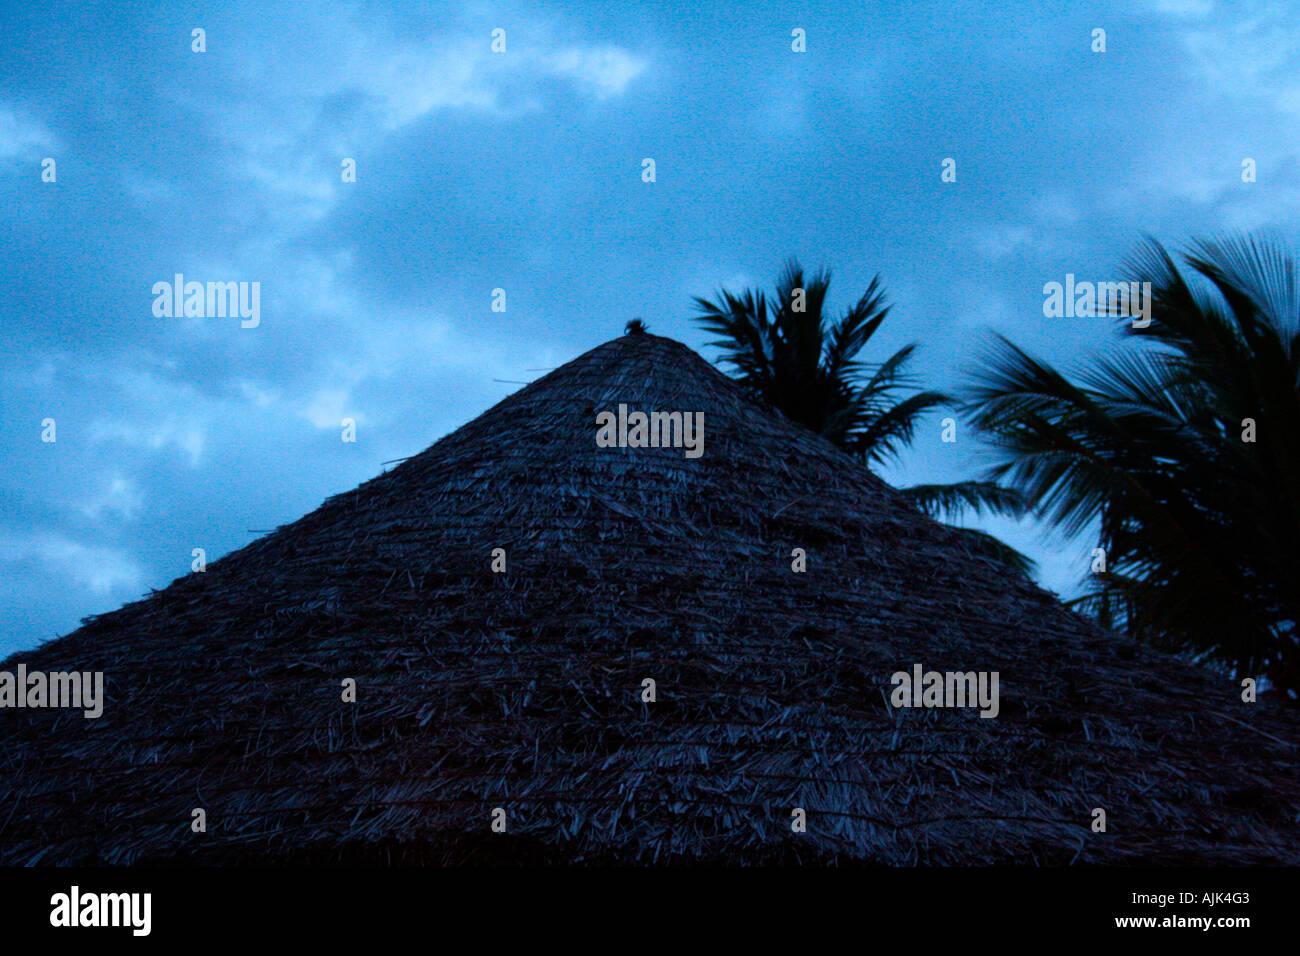 Una vista del techo de una sombrilla en la playa durante el día Imagen De Stock